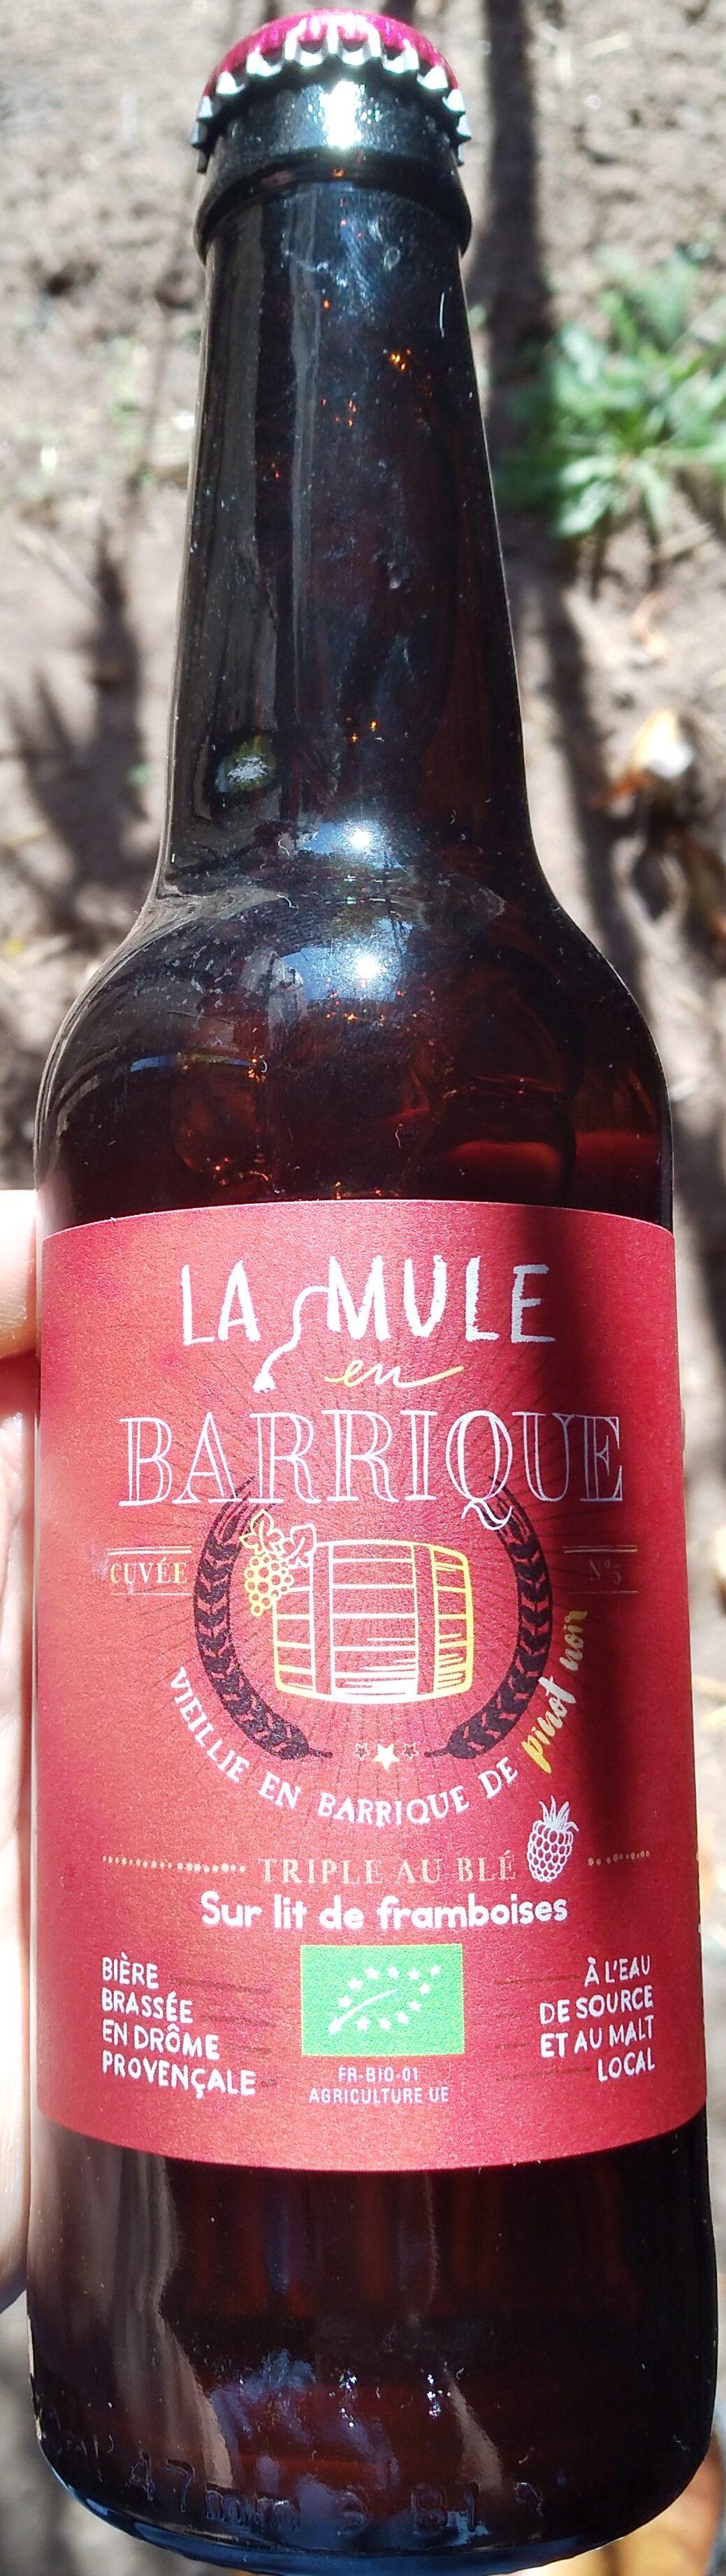 La Mule en Barrique Cuvée N°5 sur lit de framboises - Product - fr